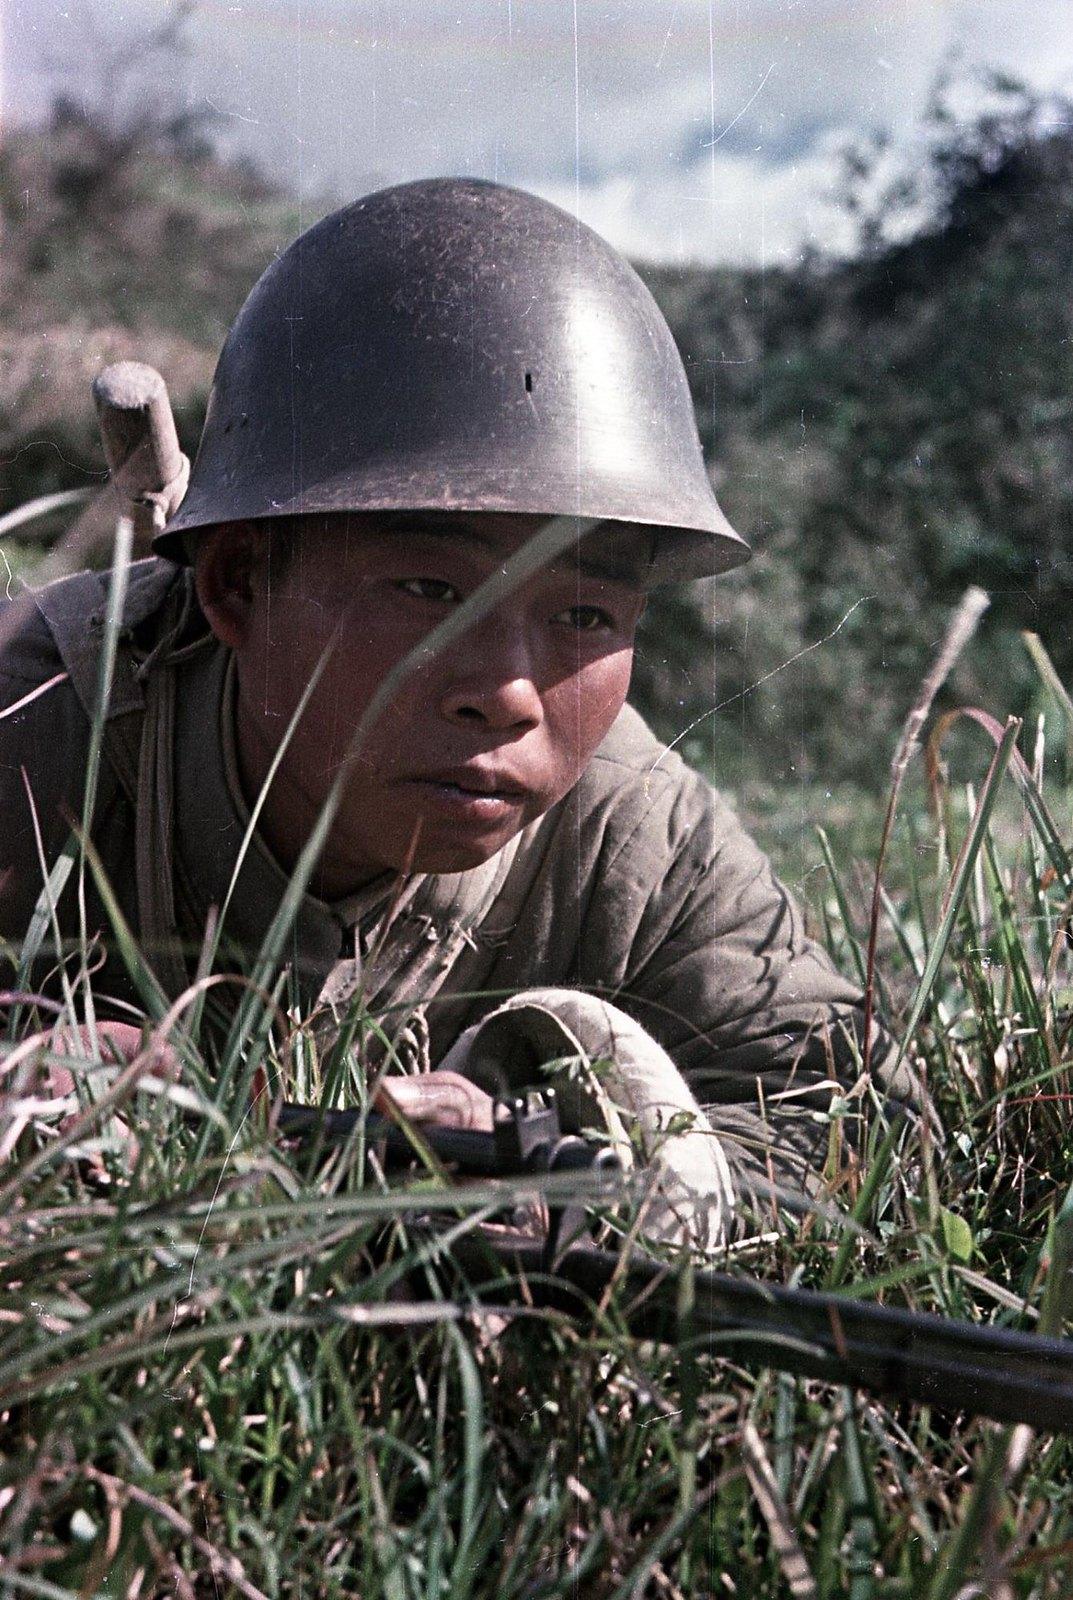 Юго-Восточный фронт. Боец Народно-освободительной армии Китая в засаде